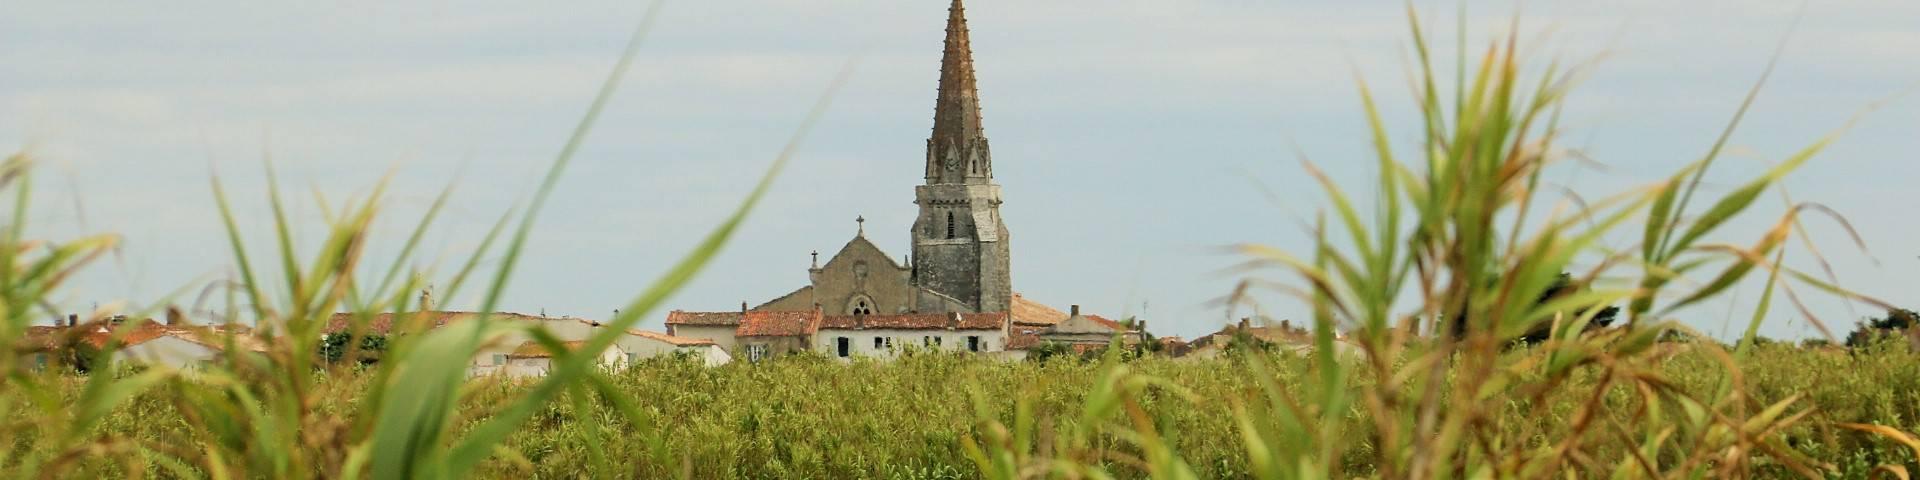 Eglise de Saint-marie-de-Ré par Lesley Williamson